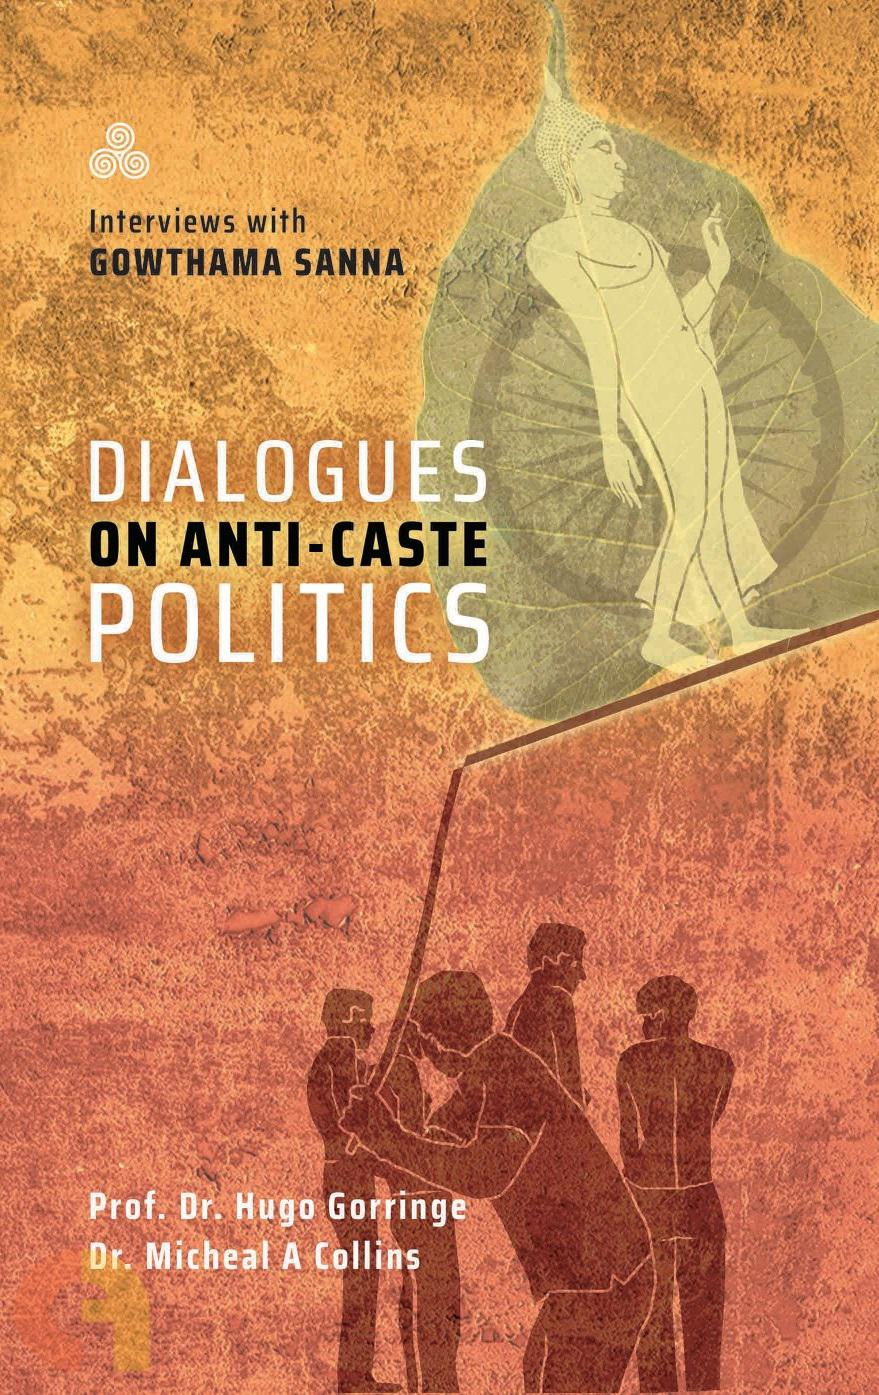 Dialogues on Anti-Caste Politics